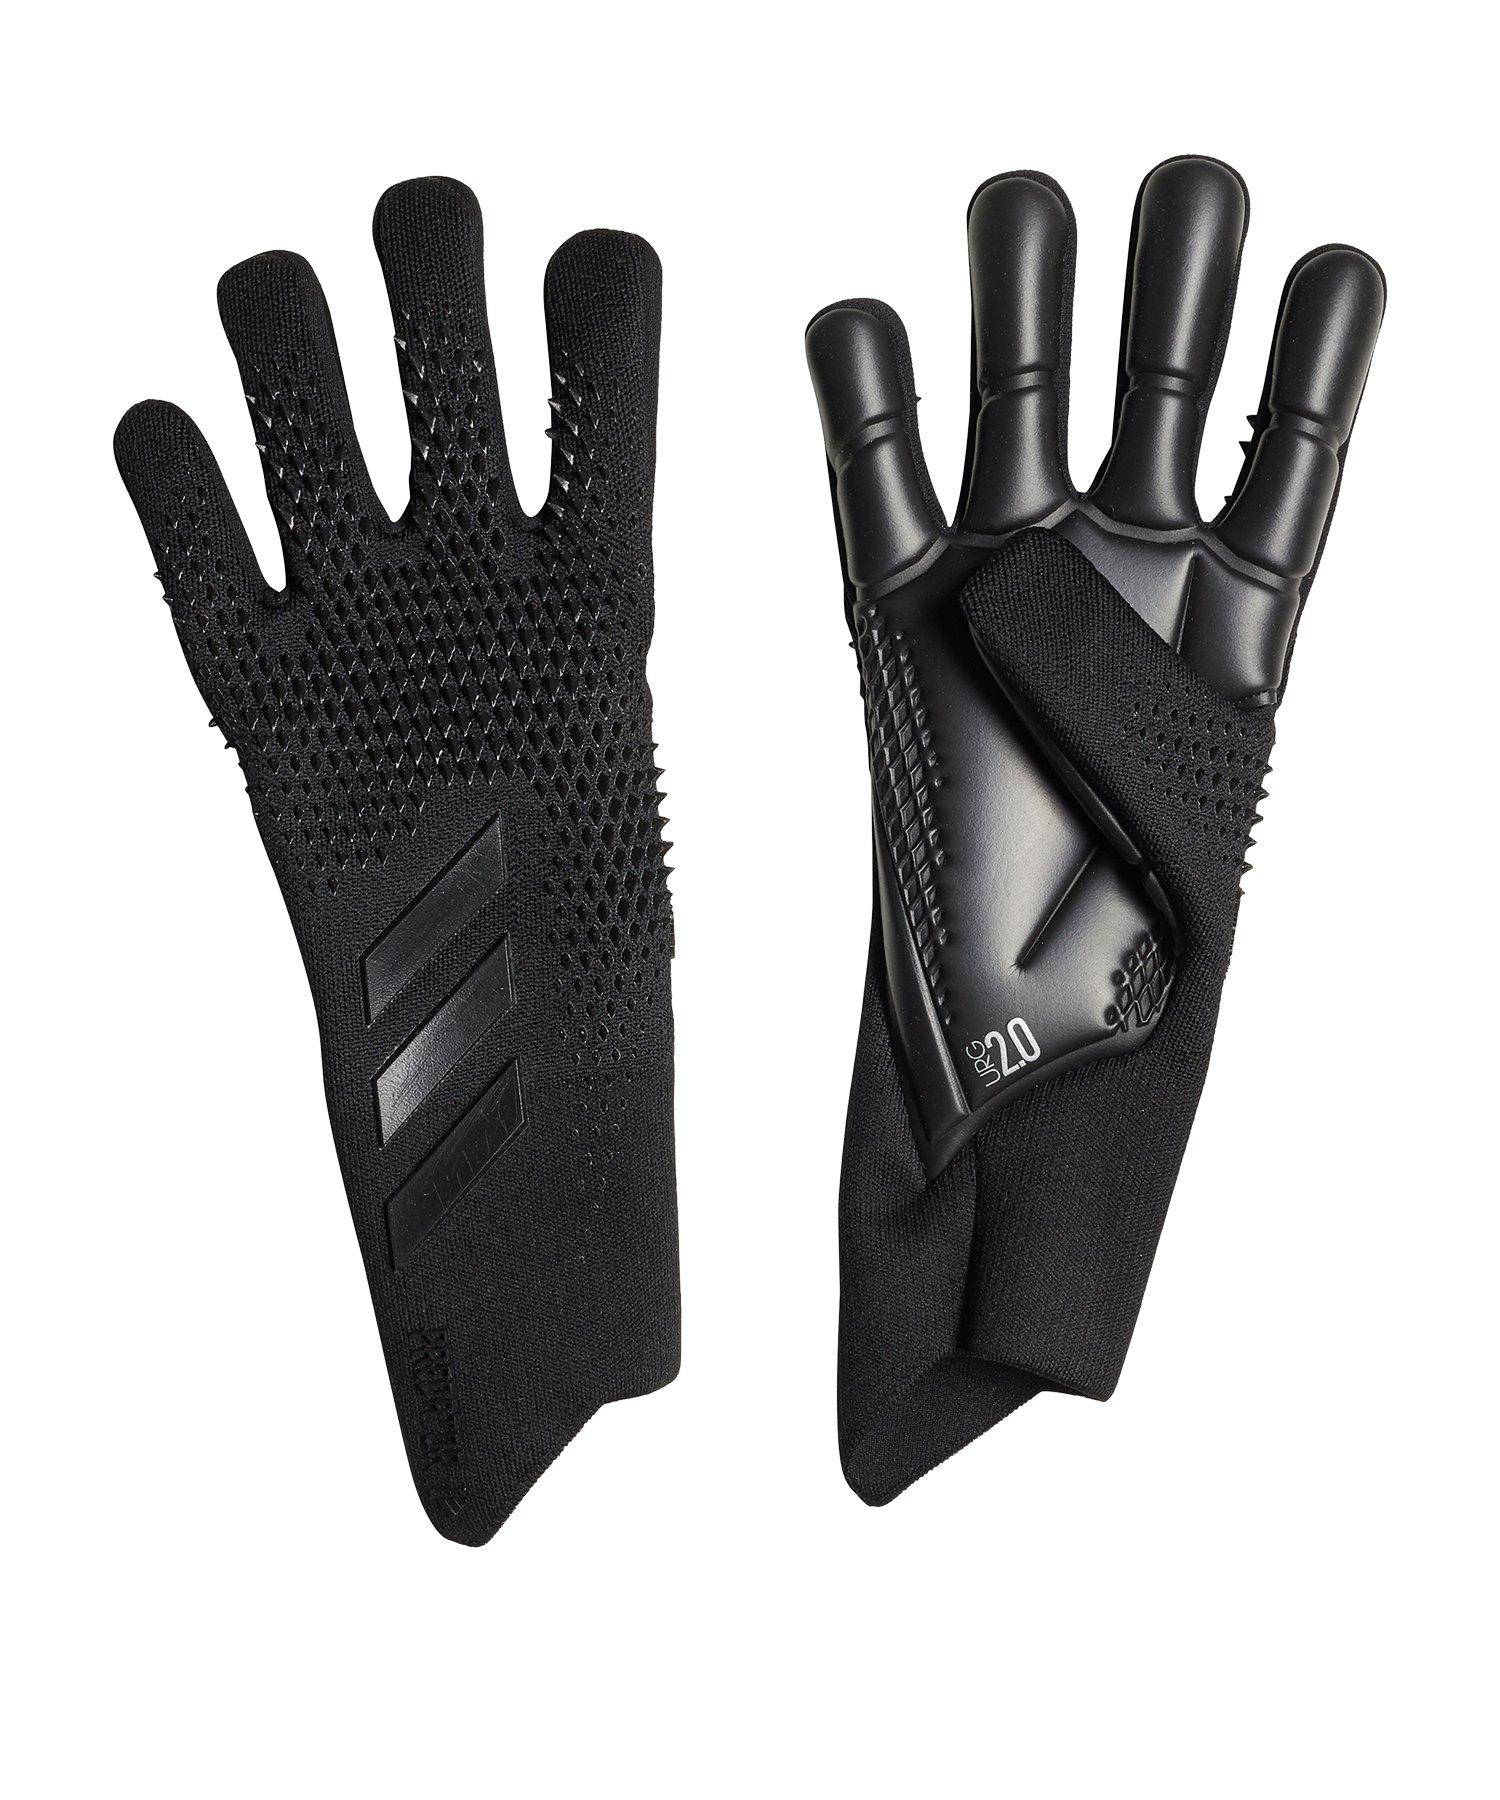 adidas Predator Pro TW-Handschuh Schwarz - schwarz